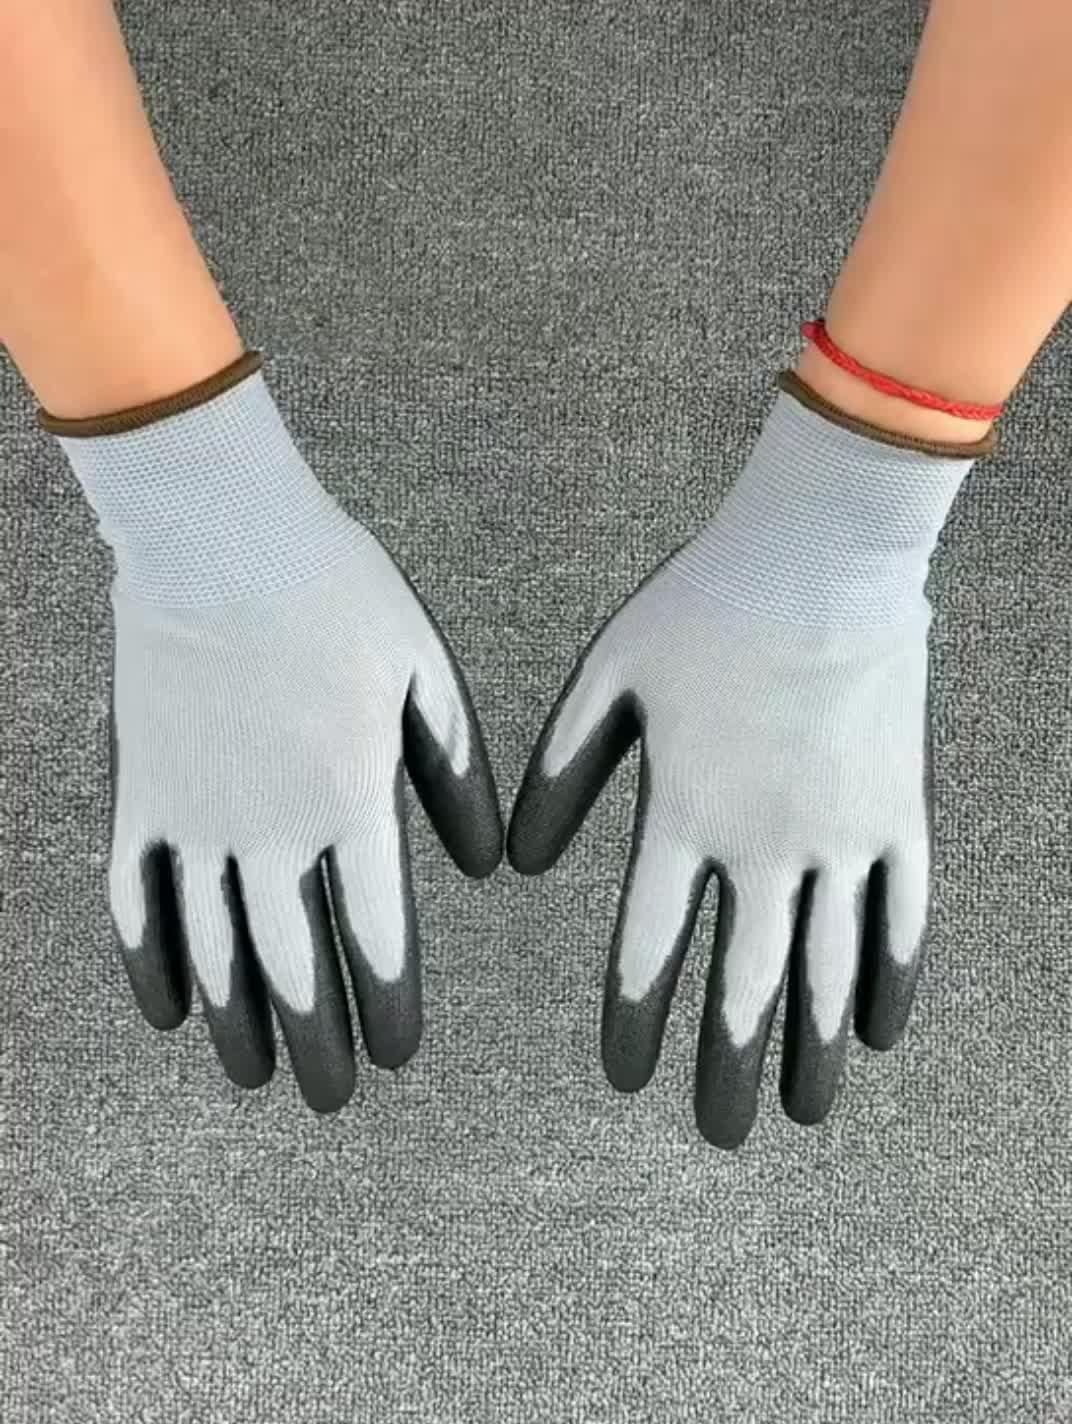 Günstige angeln handschuh magnet PU nylon arbeit handschuhe, auto reparatur, glas schneiden, handhabung